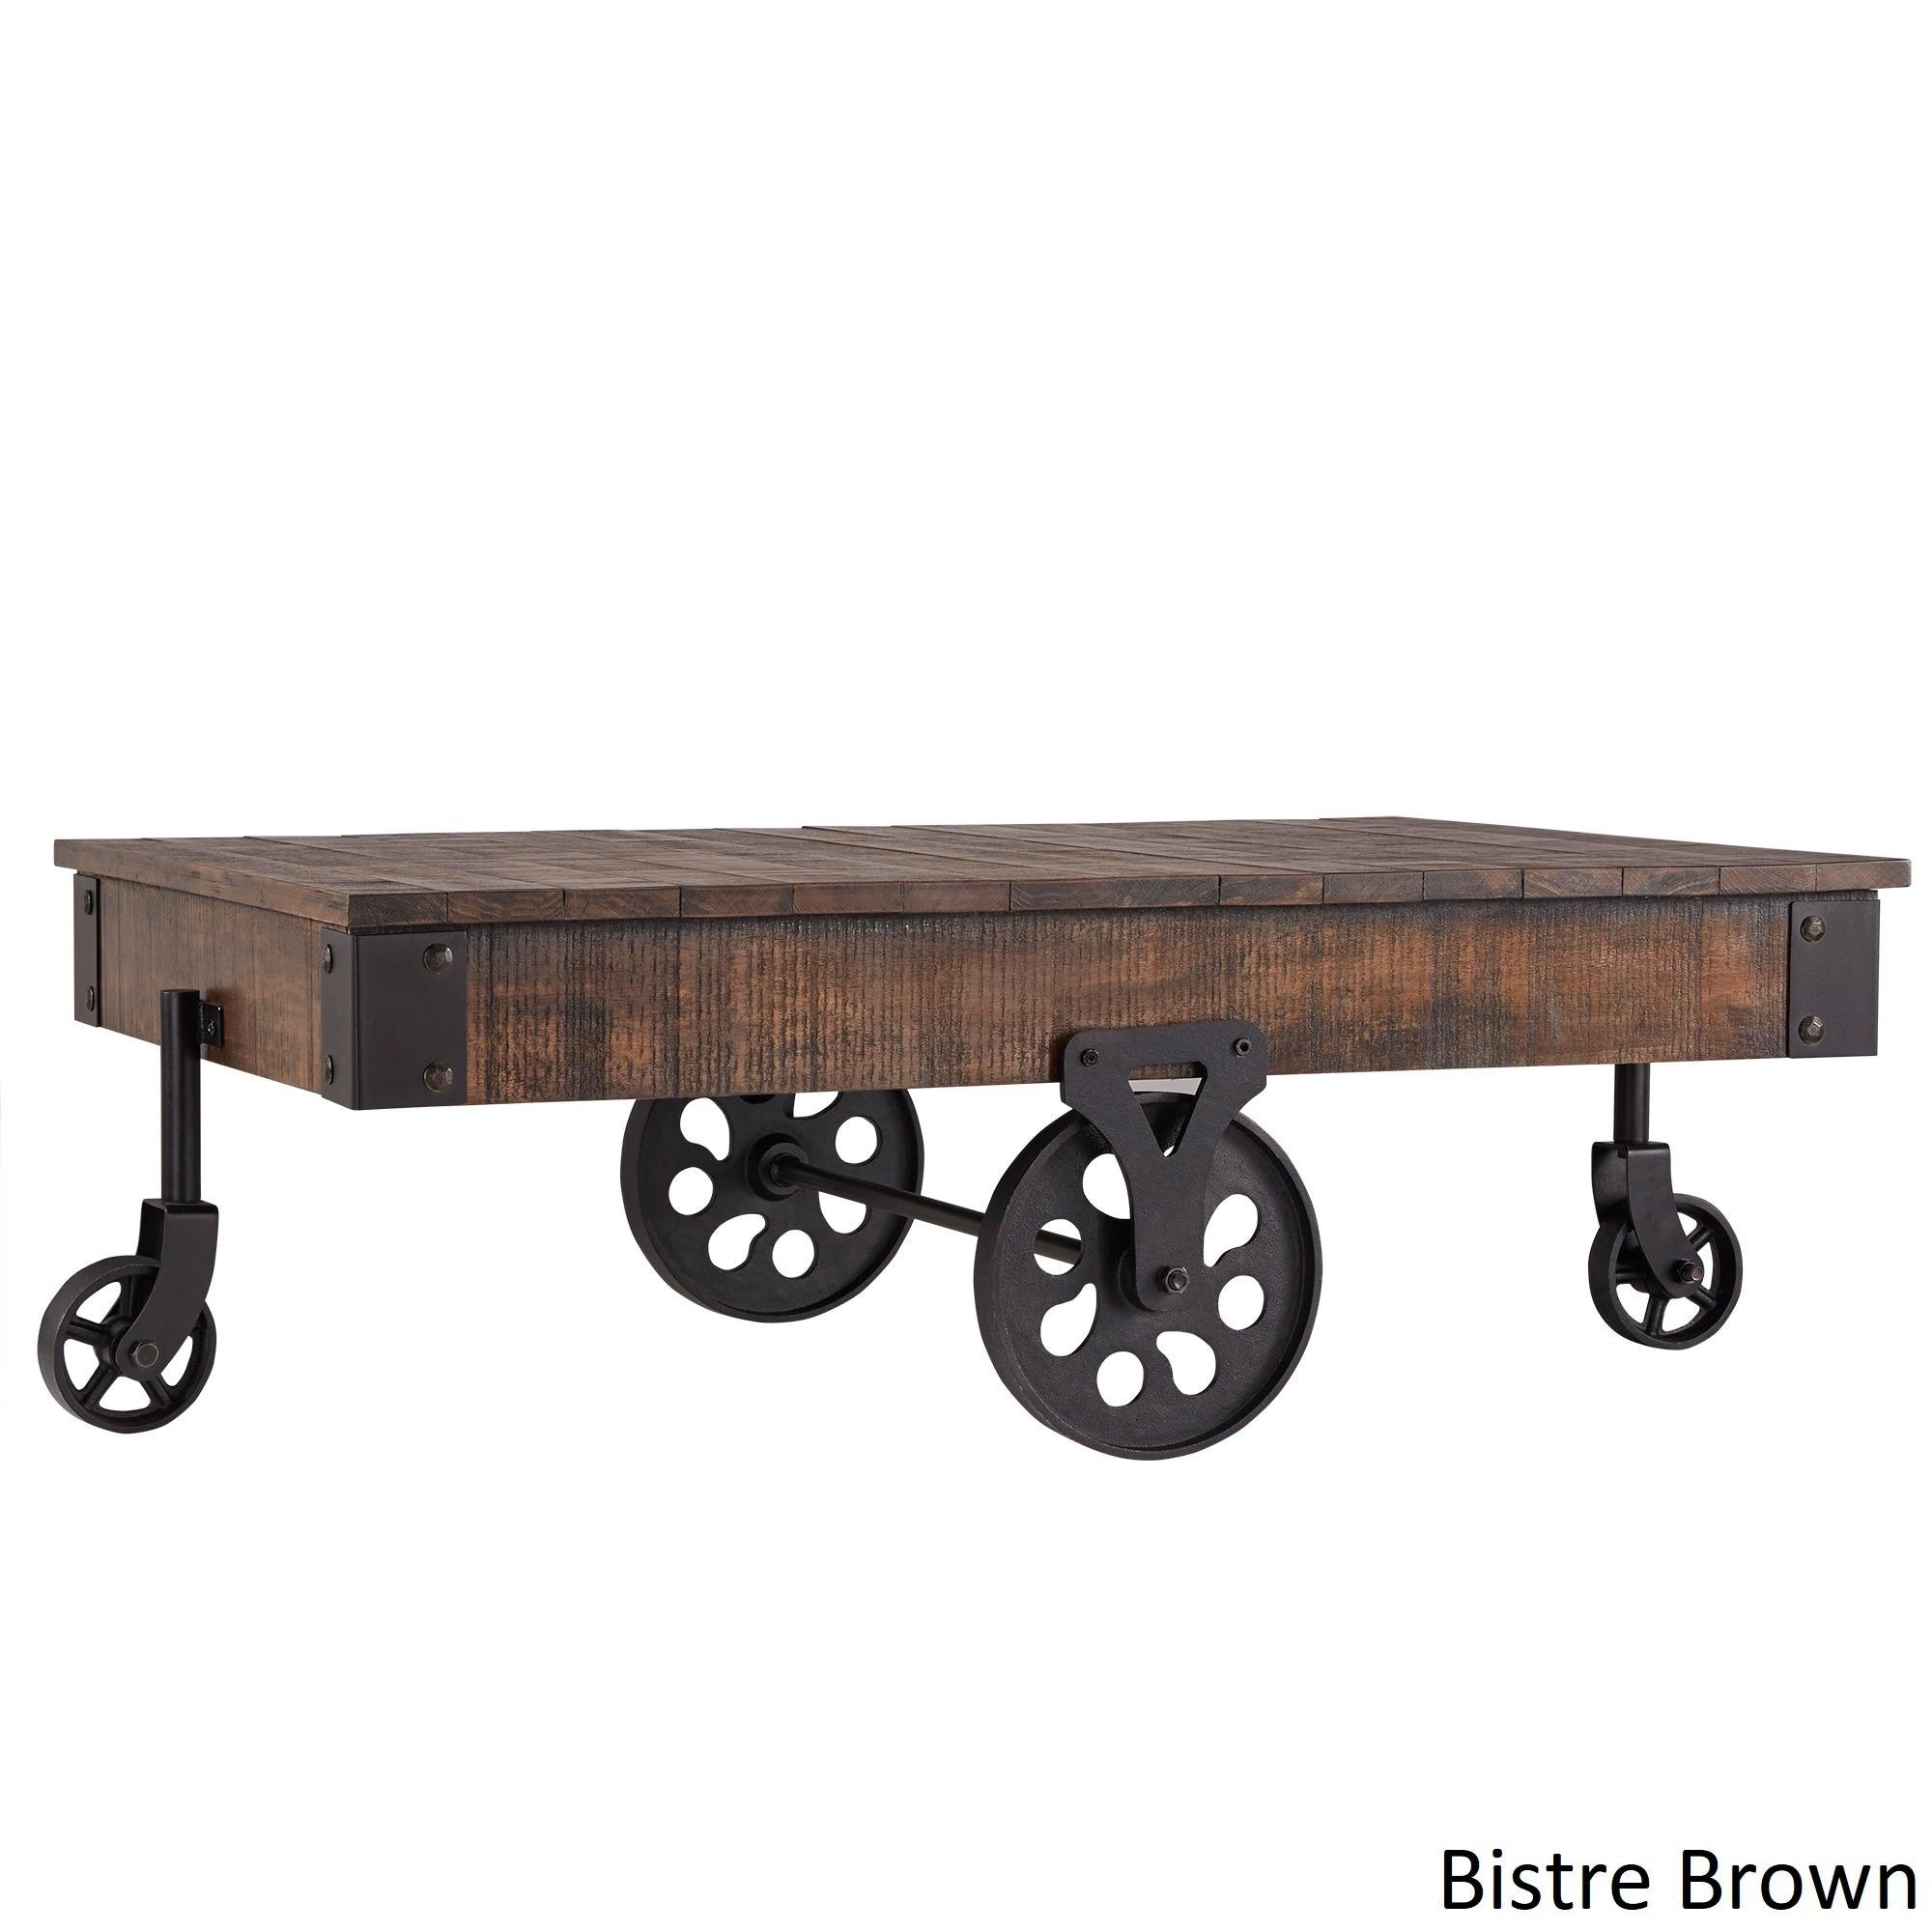 Industrial Coffee Table Vintage Rustic Wood Metal Cart Wheel